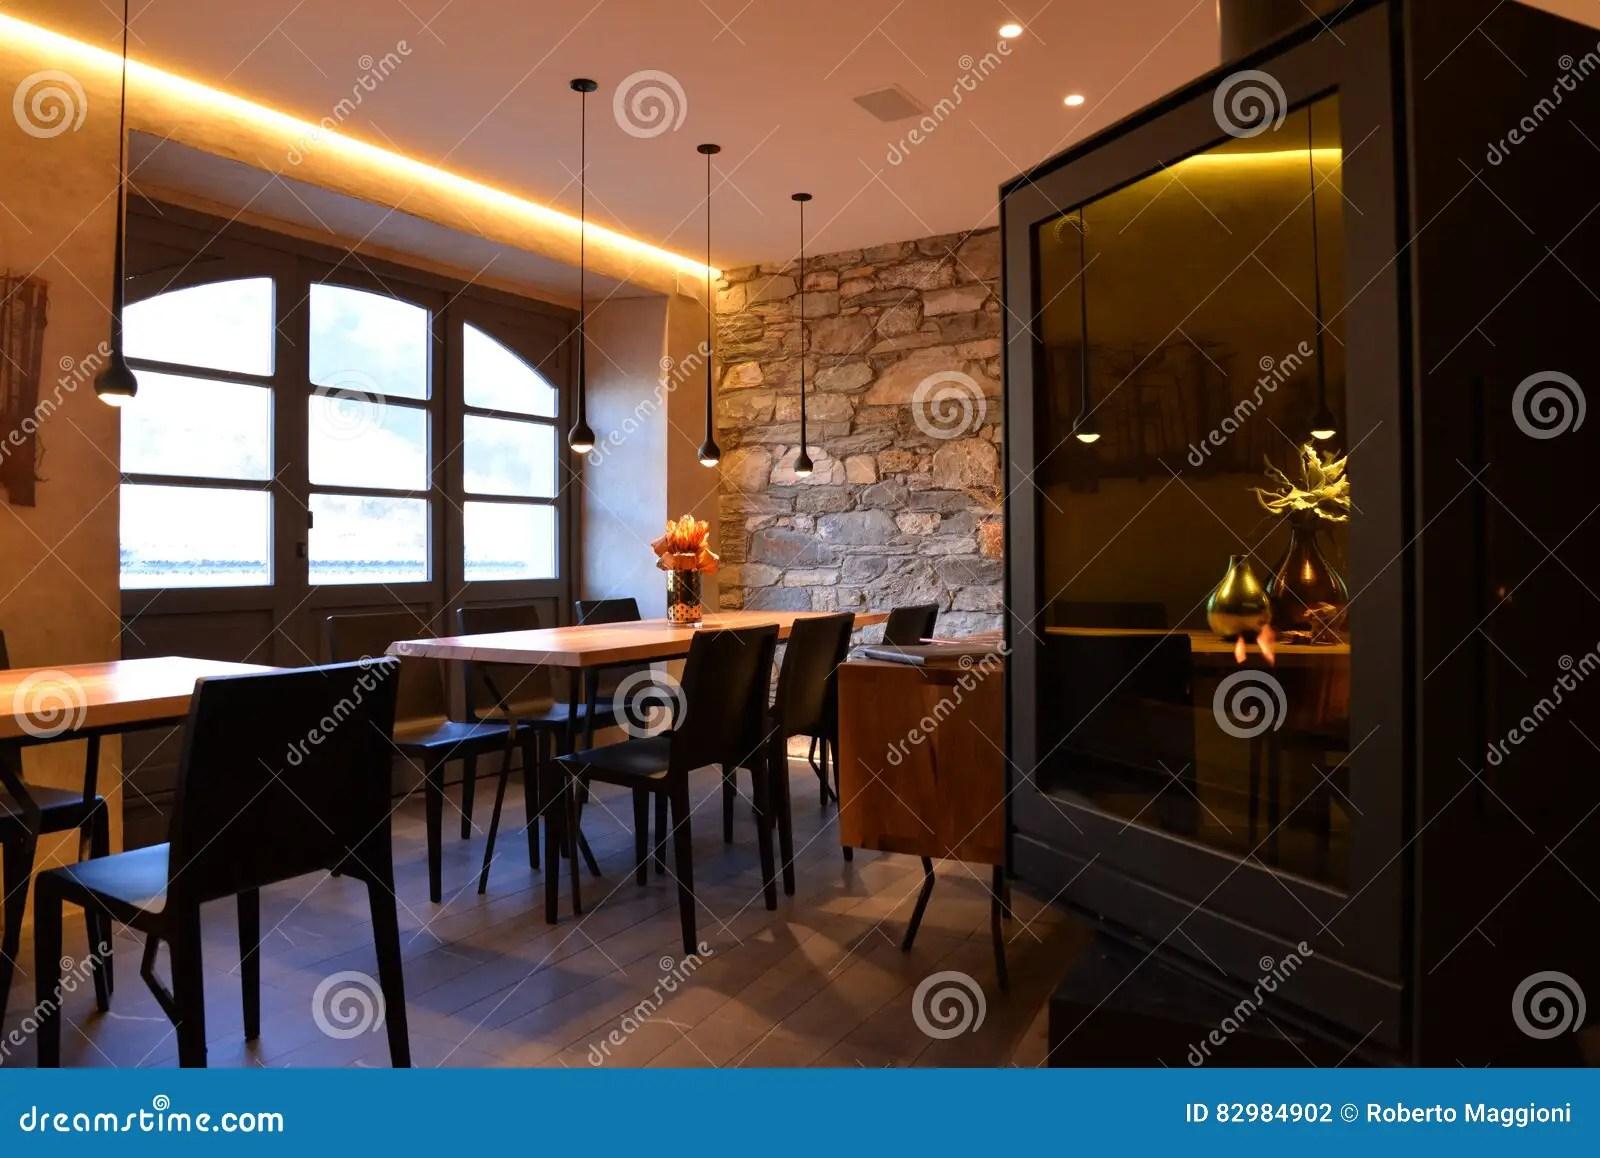 Modern Restaurant Decoration